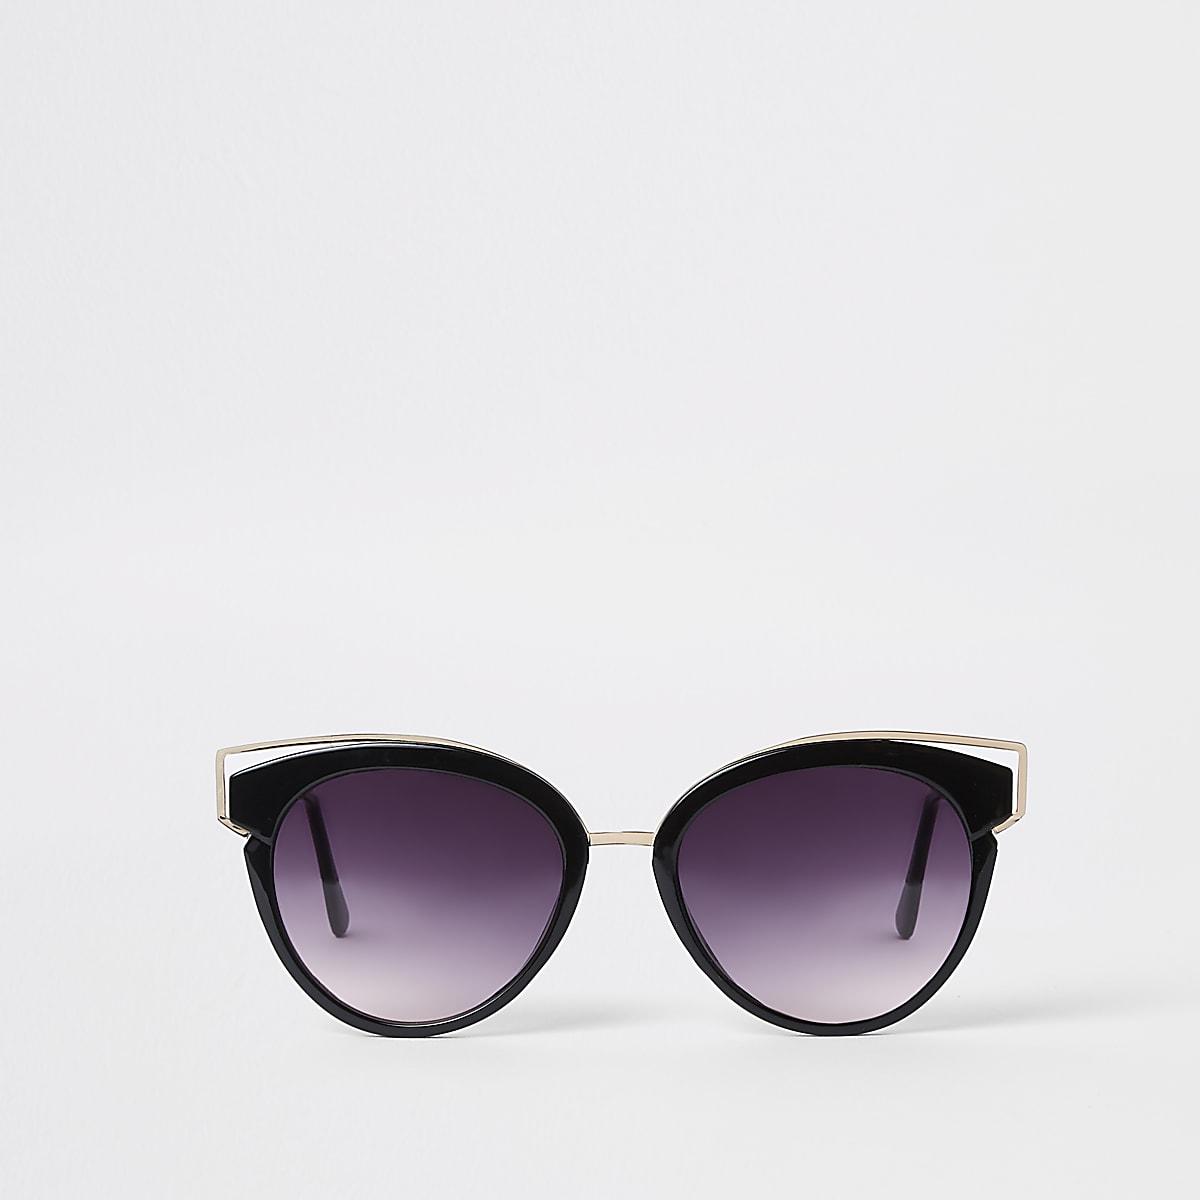 Zwarte cat eye-zonnebril met en getinte glazen